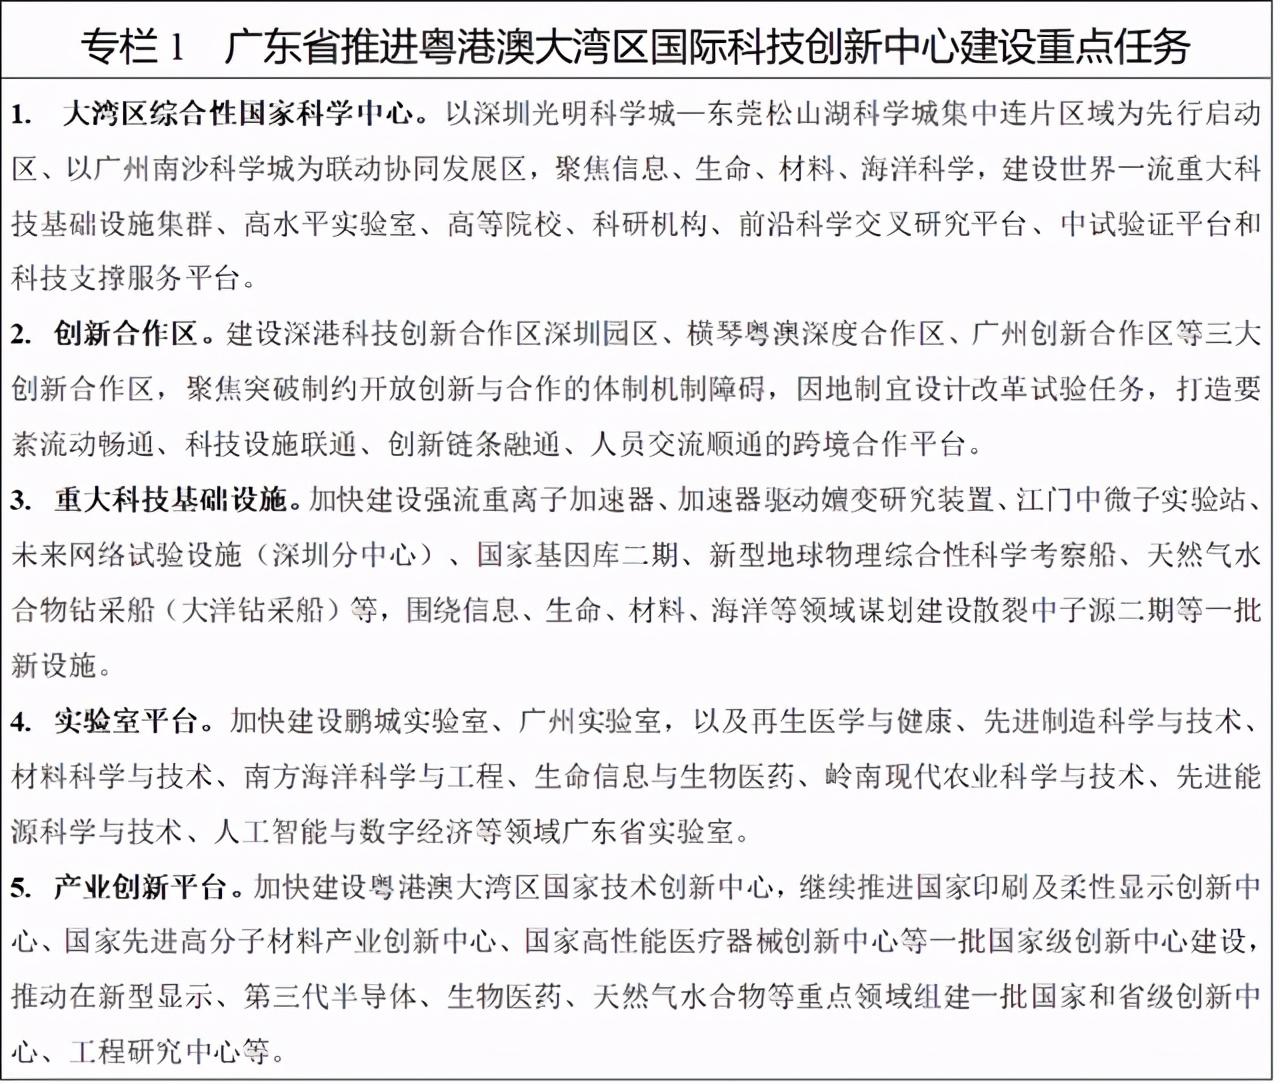 广州十四五规划:集成电路被划重点,积极发展第三代半导体